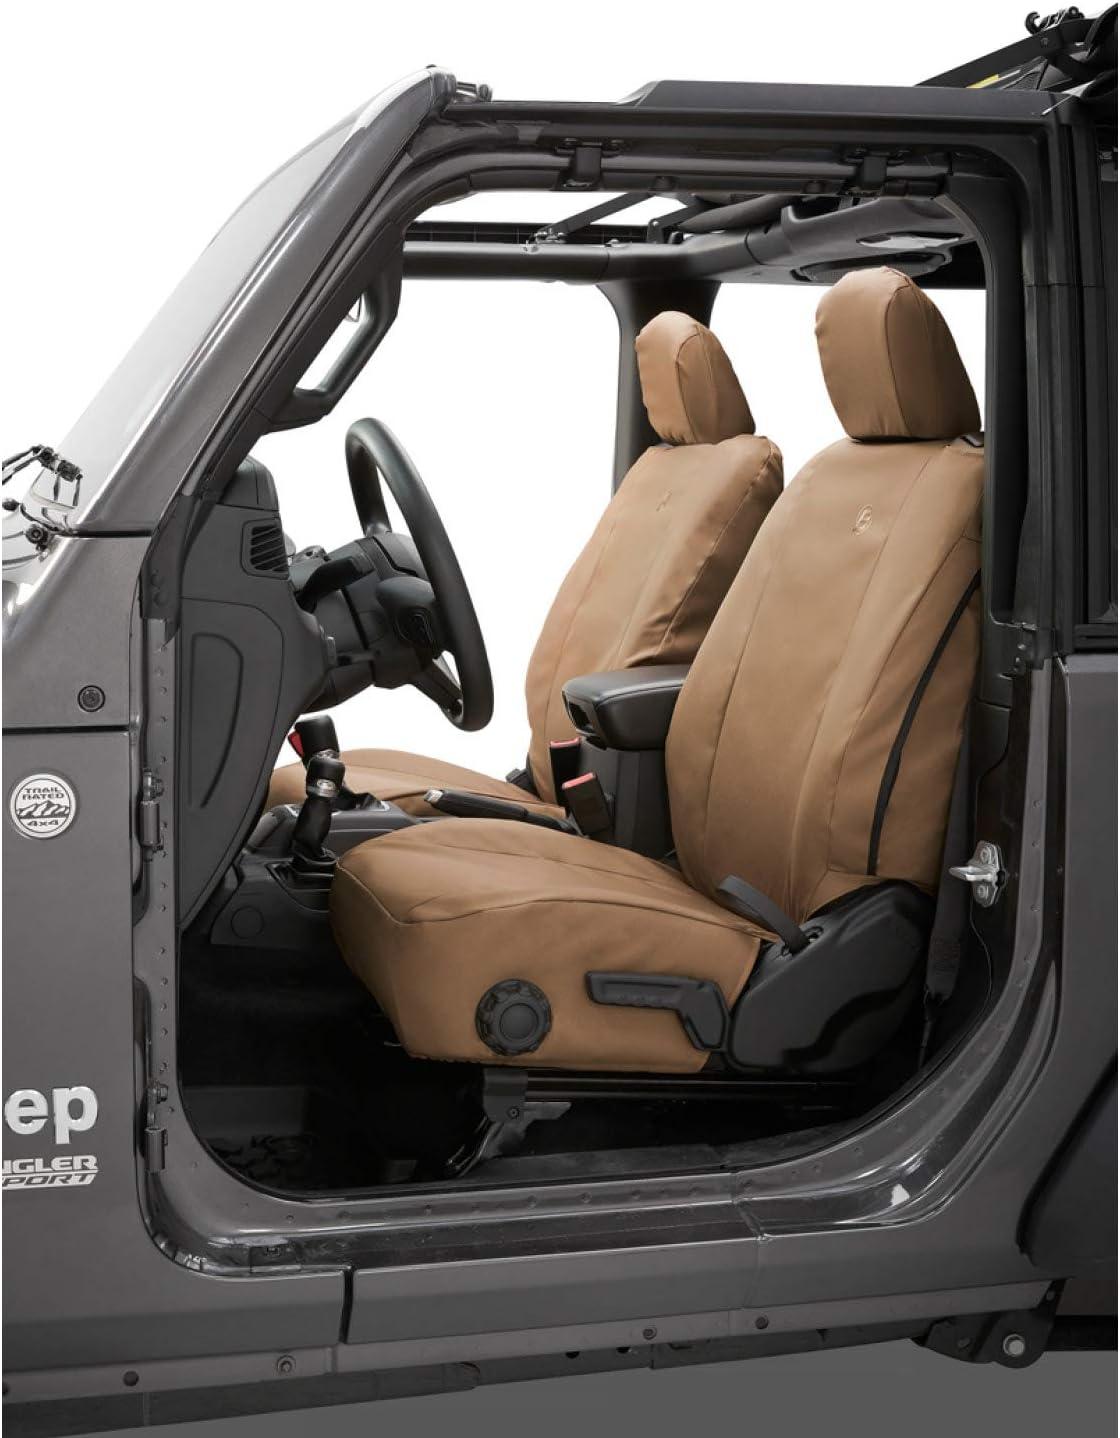 Front Bestop 2929304 Tan Seat Cover Jeep Wrangler 2018-Current JL 2-Door